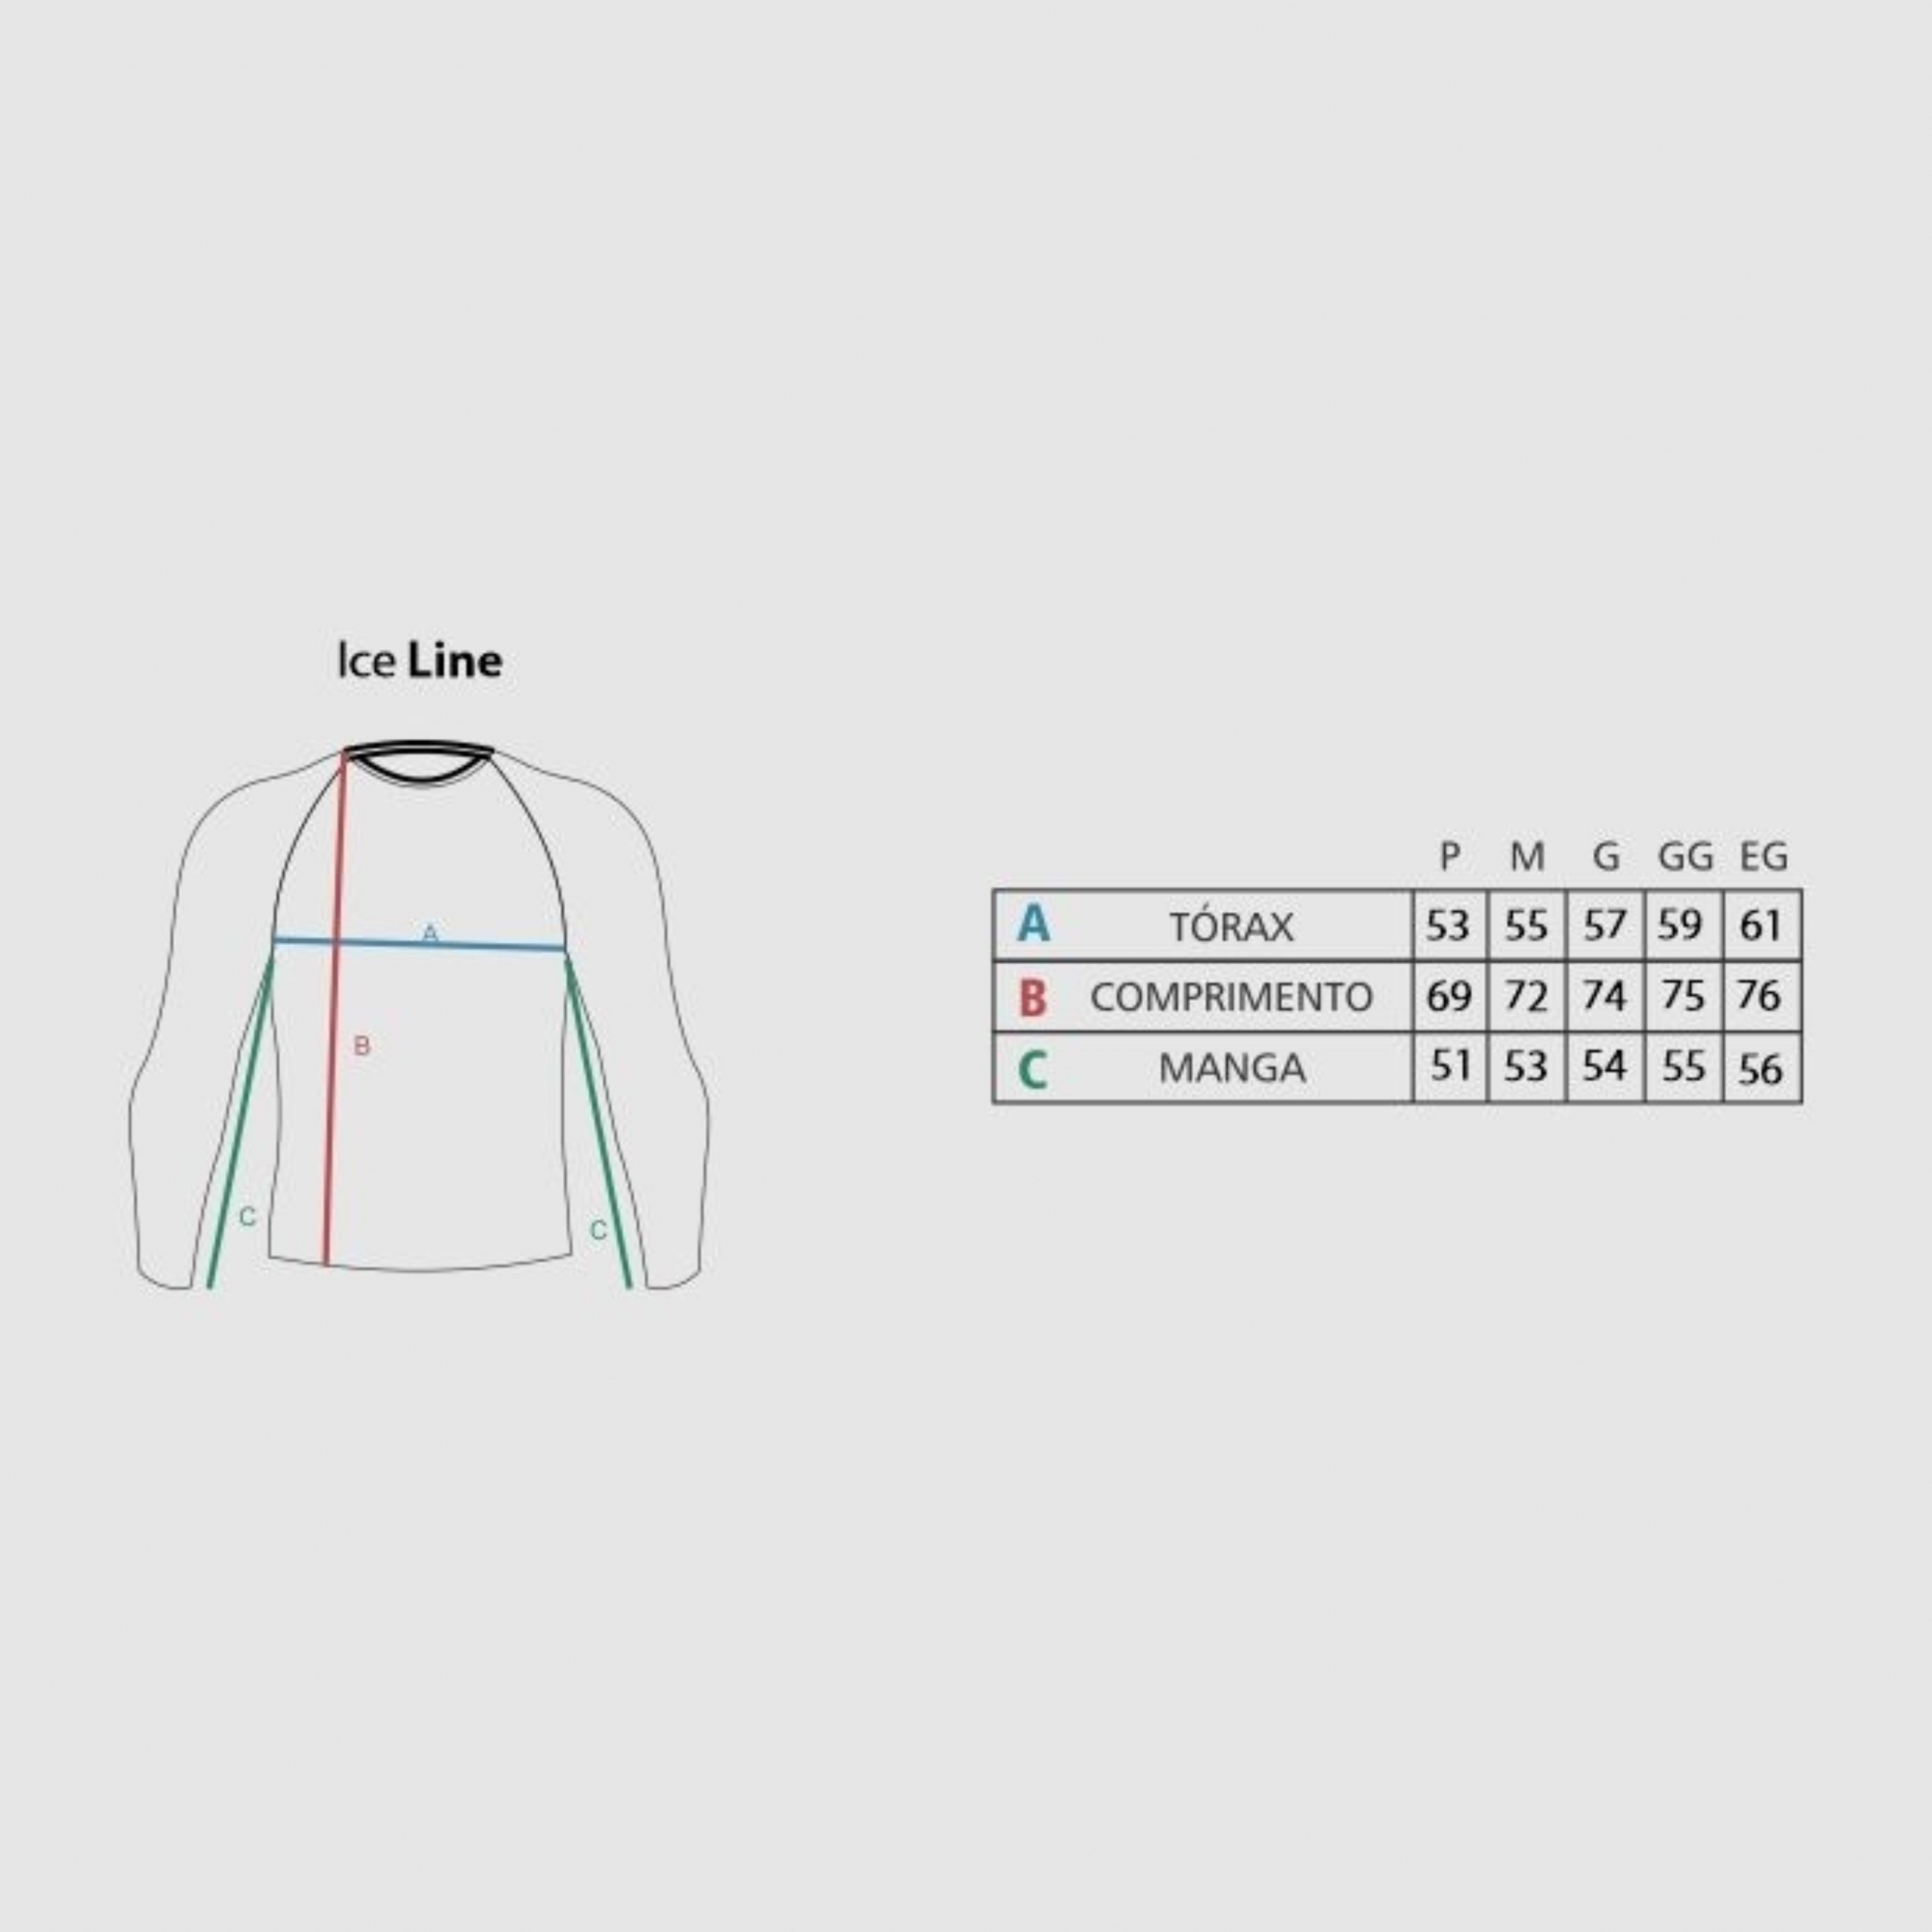 Camiseta Faca na Rede New Ice Dry Jungle Coleção 2019/2020  - Pesca Adventure